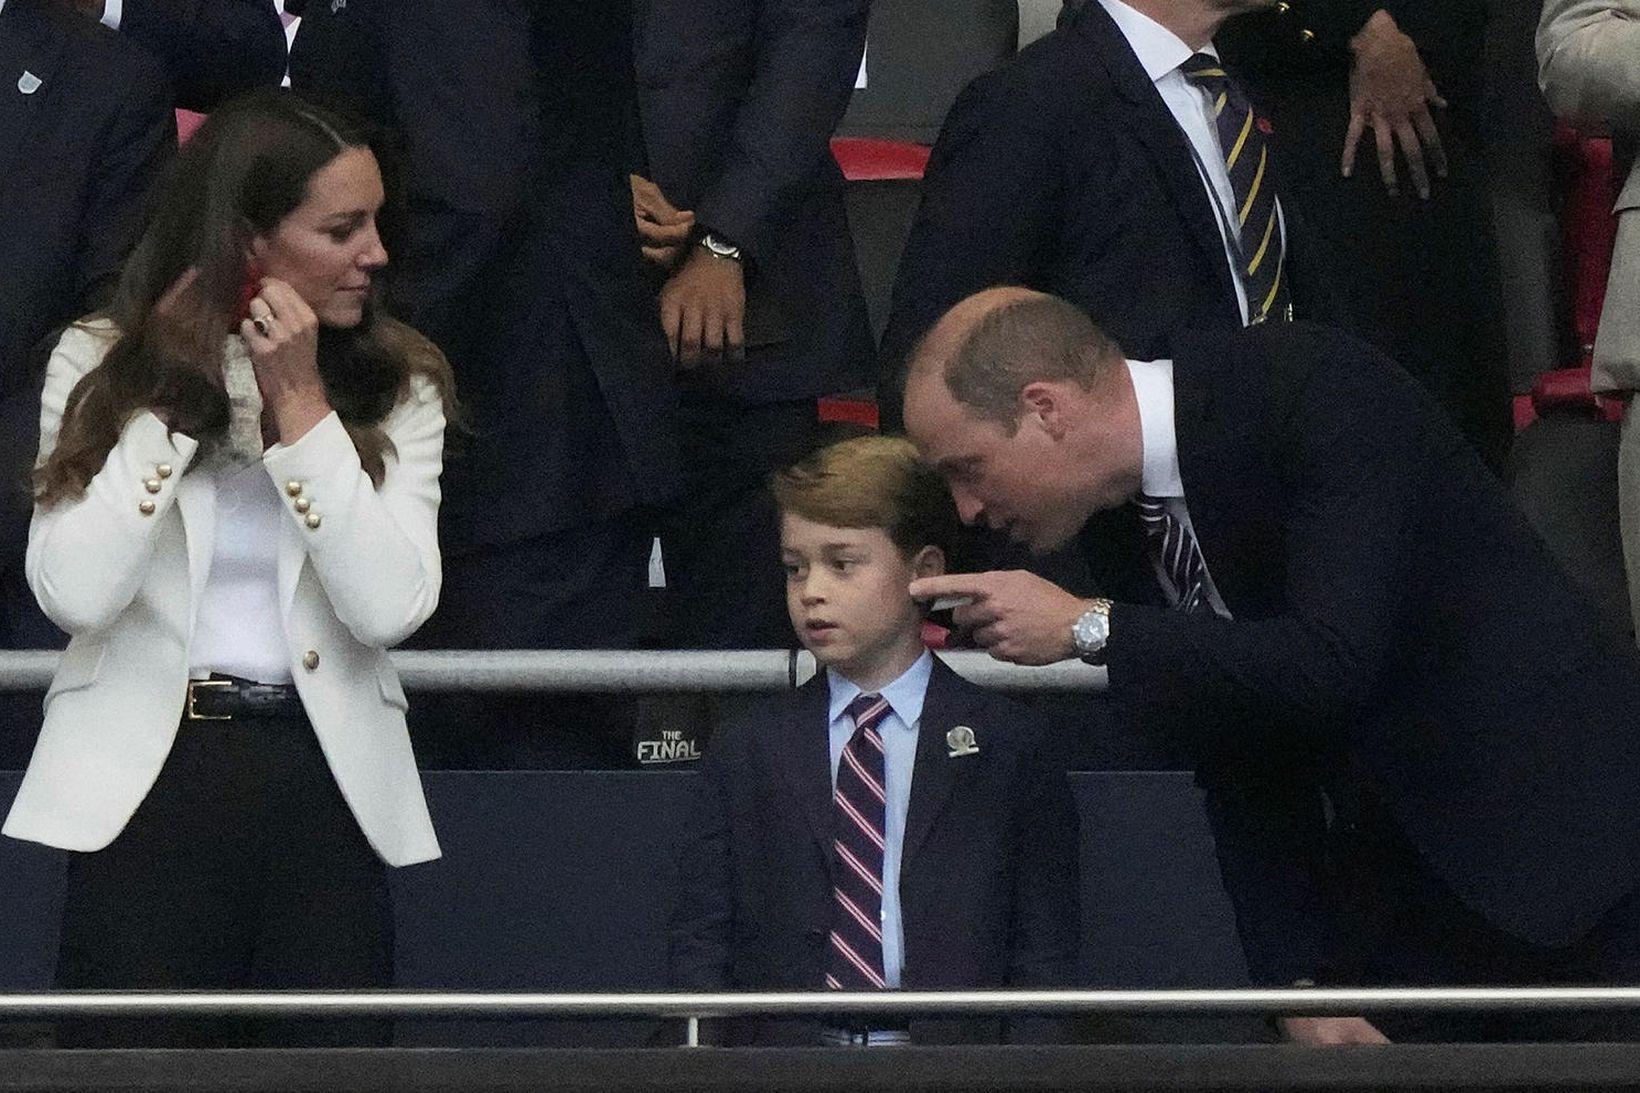 Georg prins ásamt foreldrum sínum þeim Katrínu og Vilhjálmi.